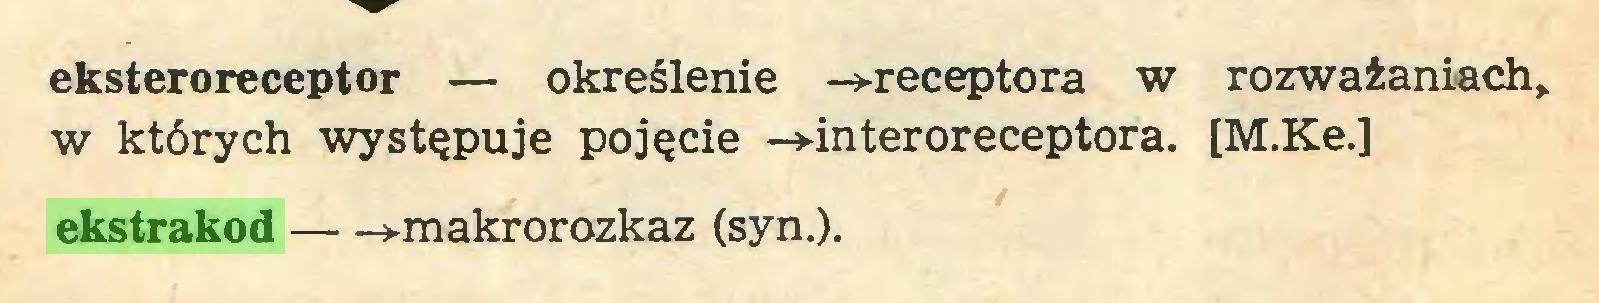 (...) eksteroreceptor — określenie -»-receptora w rozważaniach,, w których występuje pojęcie -»-interoreceptora. [M.Ke.] ekstrakod »-makrorozkaz (syn.)...